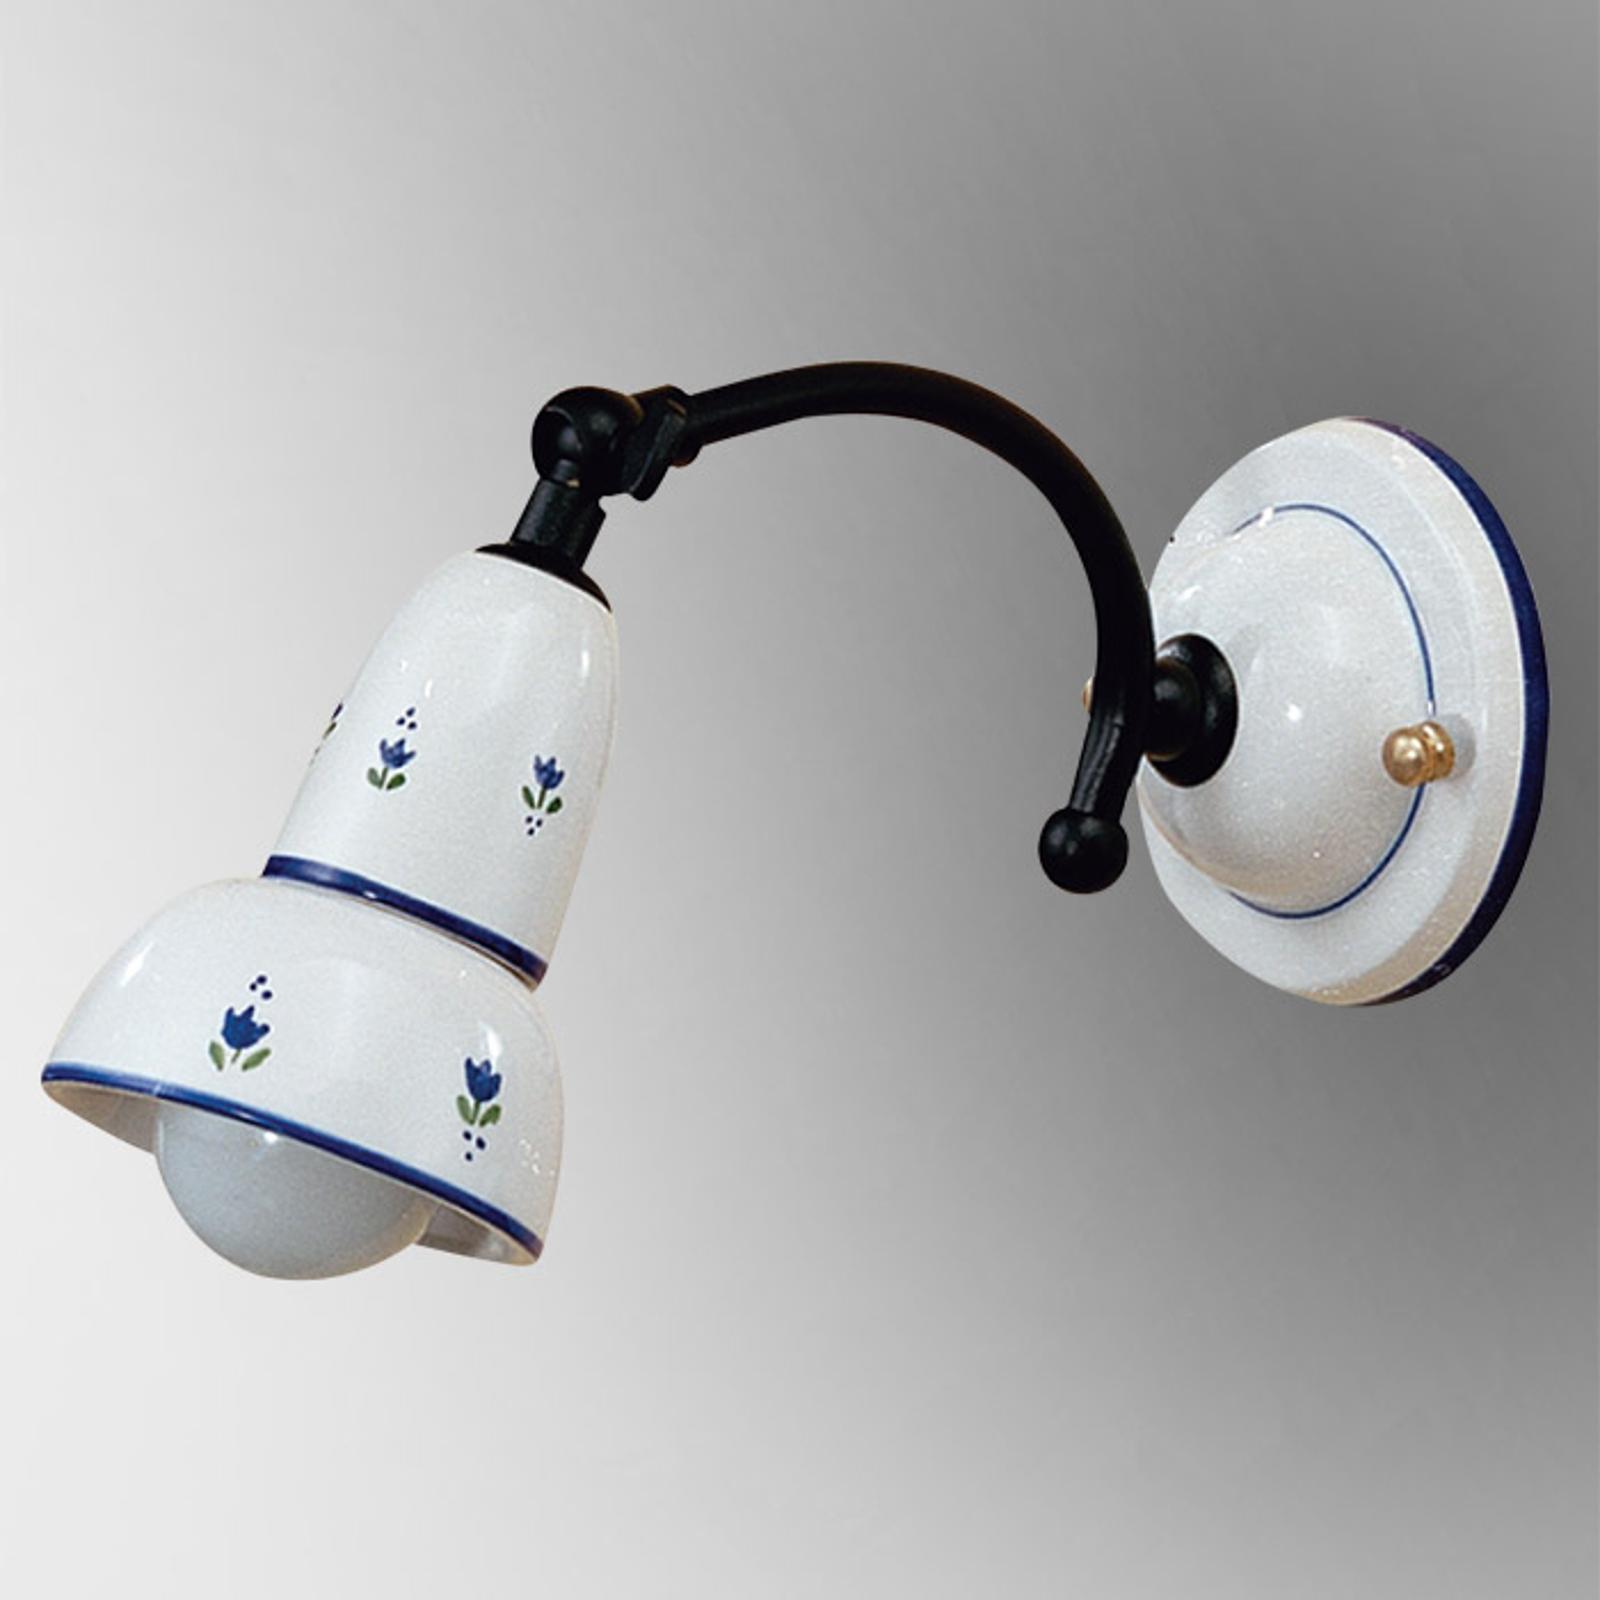 Blue-patterned wall light Ella, movable spotlight_3046181_1